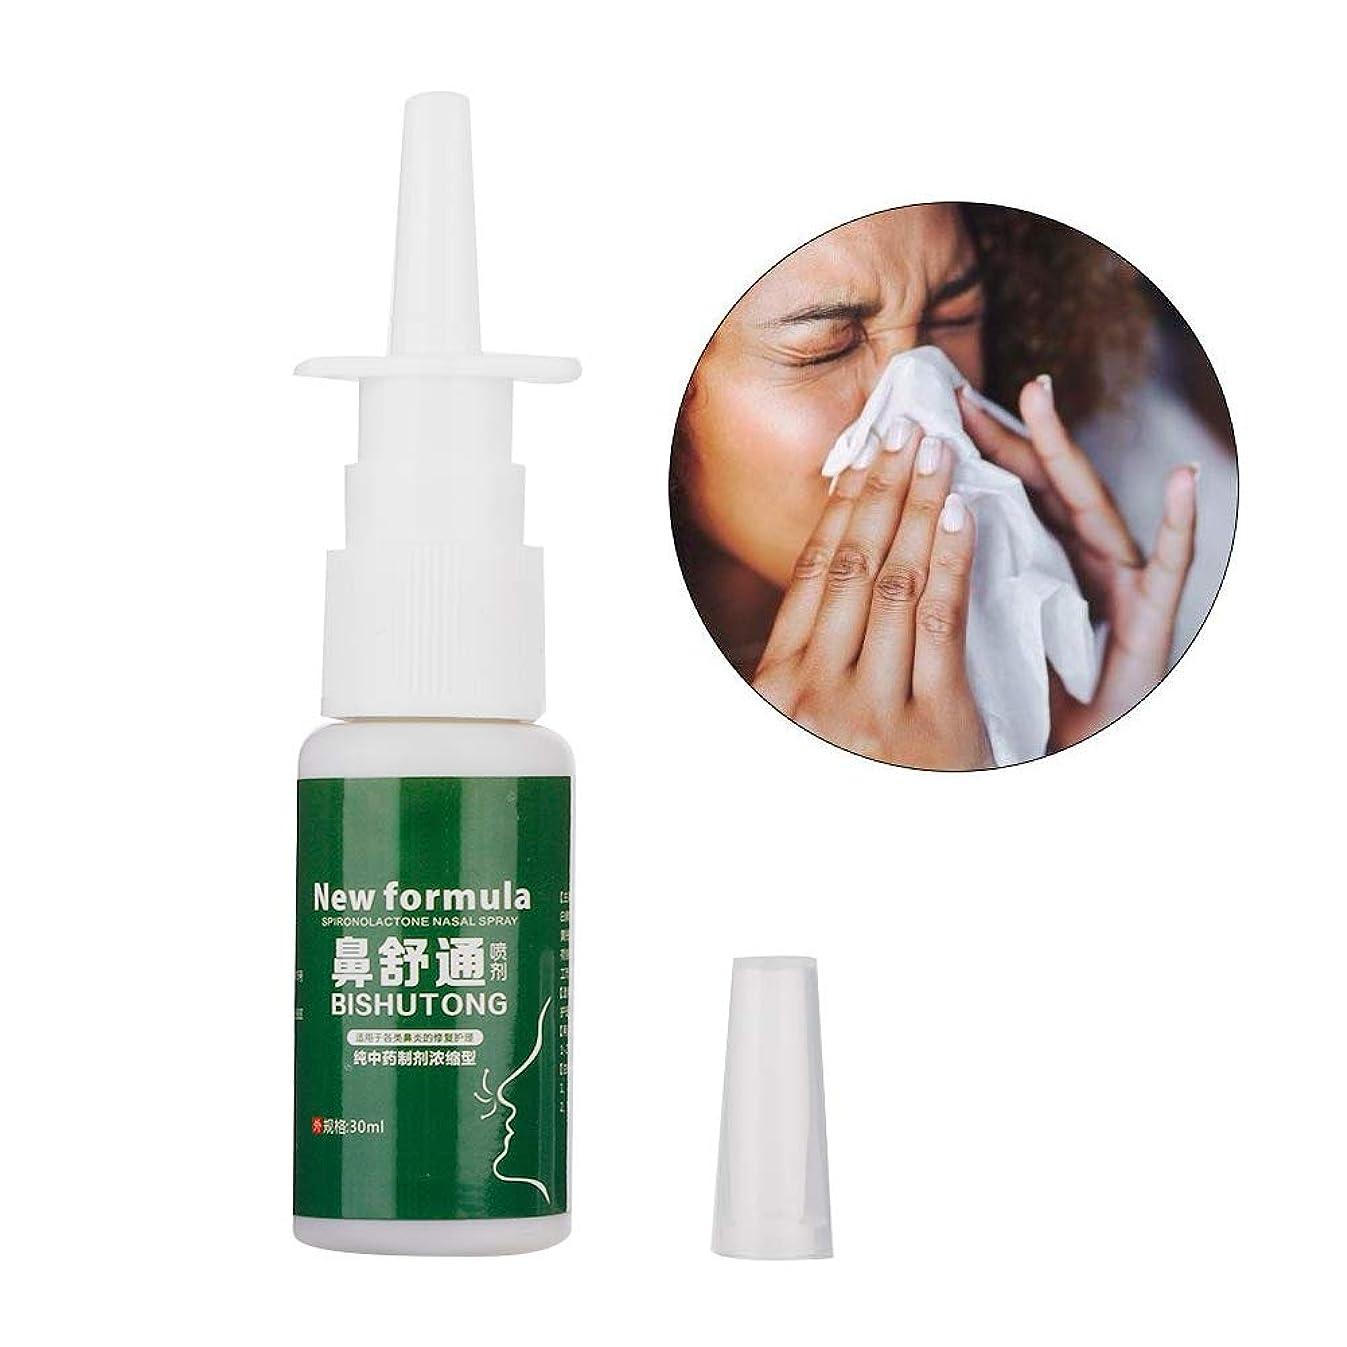 エレベーター止まる見つけた鼻アレルギー鼻炎スプレー、30ml鼻炎ハーブスプレー鼻アレルギーとかゆみ鼻炎のための漢方薬